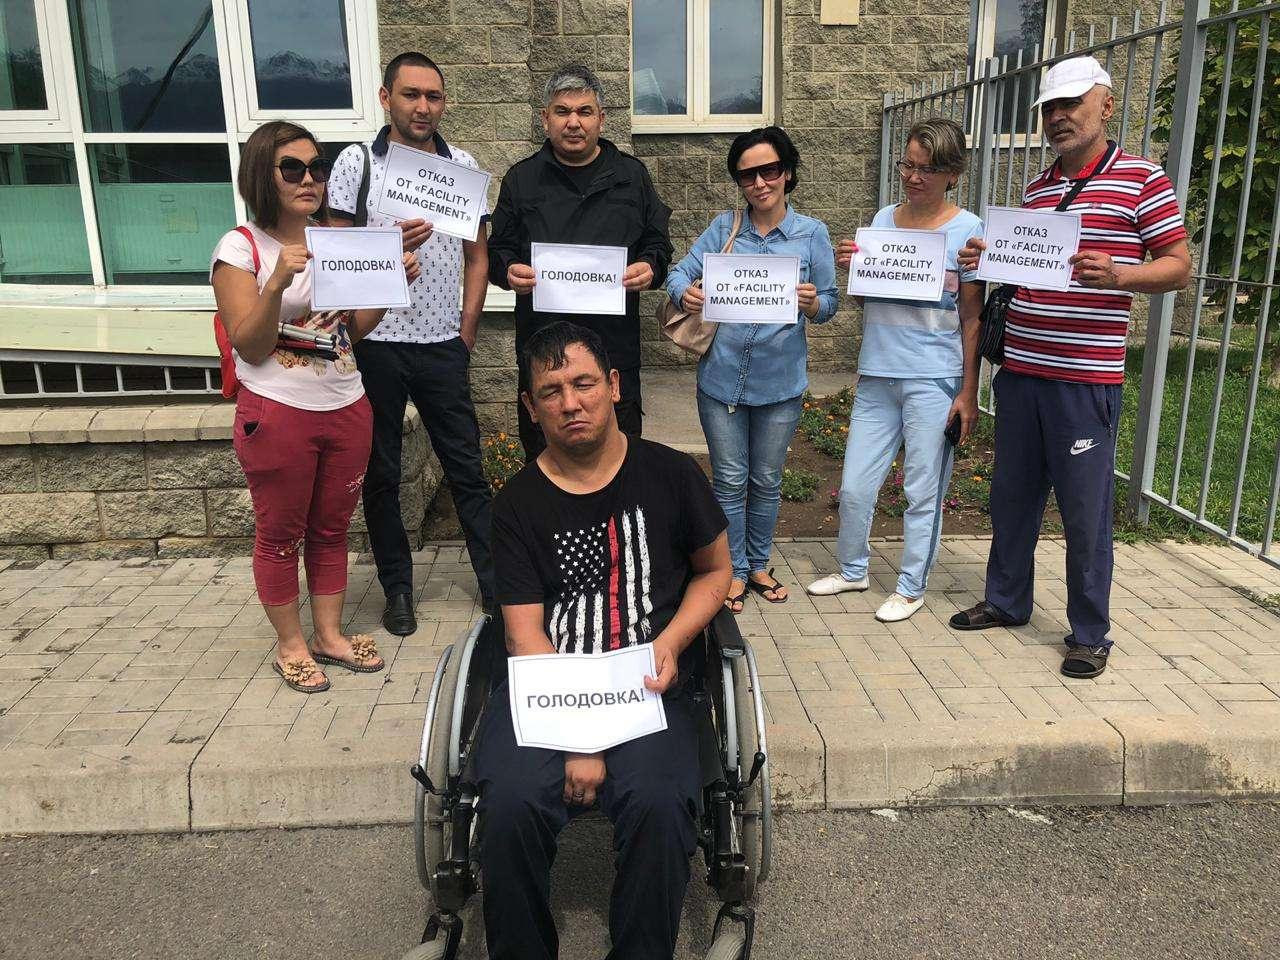 Жители Алатауского района объявили голодвоку